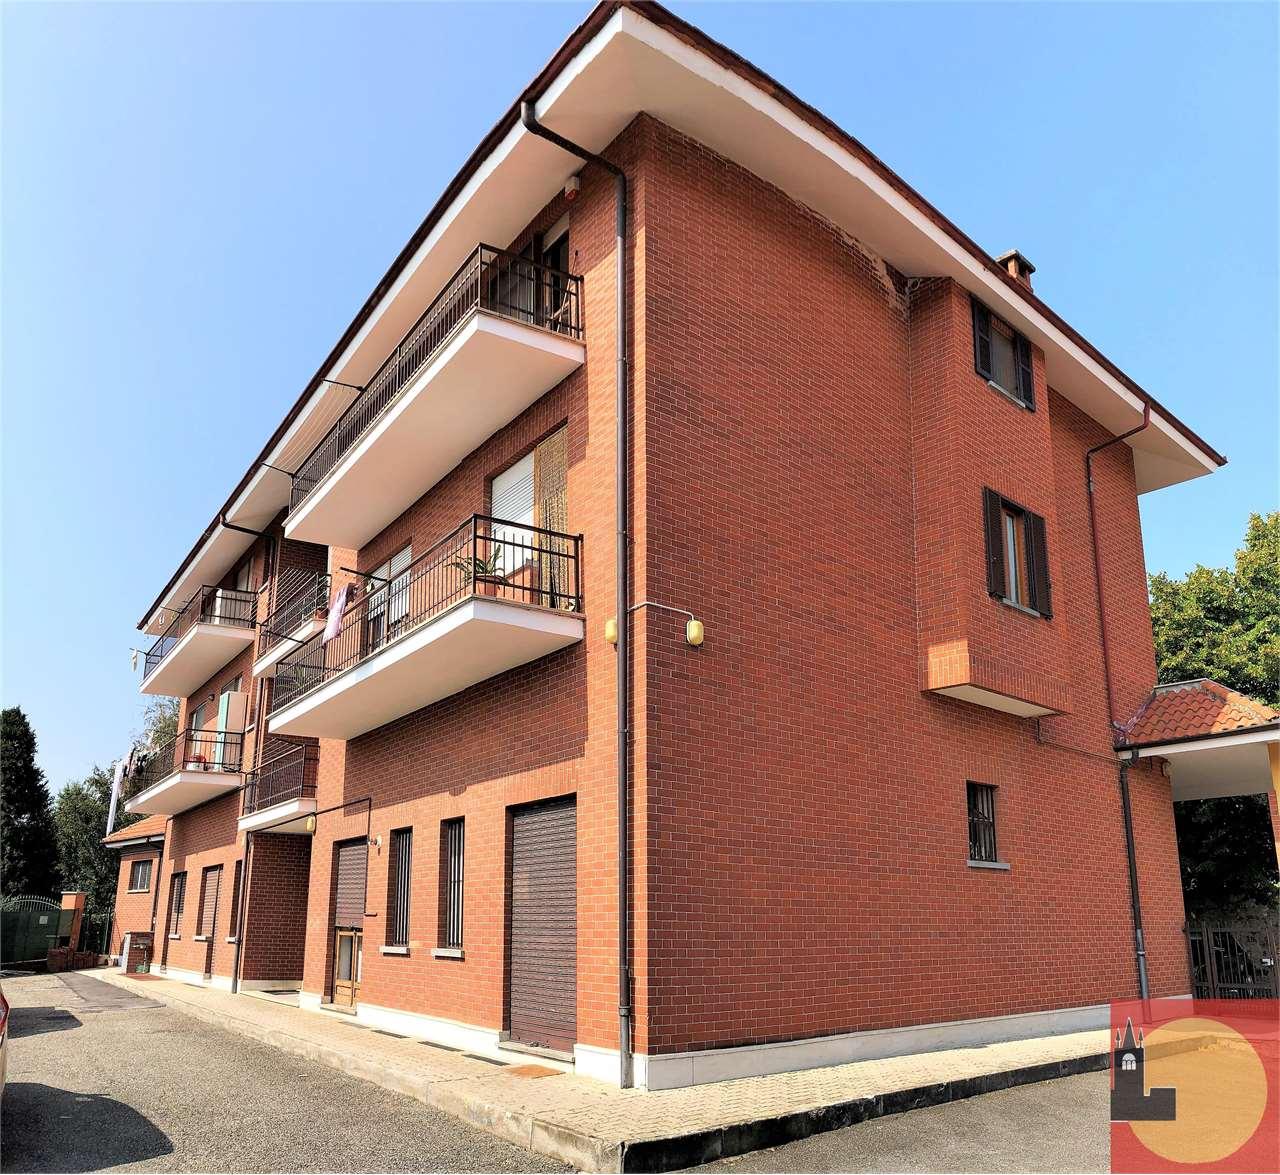 Appartamento in vendita a Villarbasse, 4 locali, prezzo € 198.000 | PortaleAgenzieImmobiliari.it